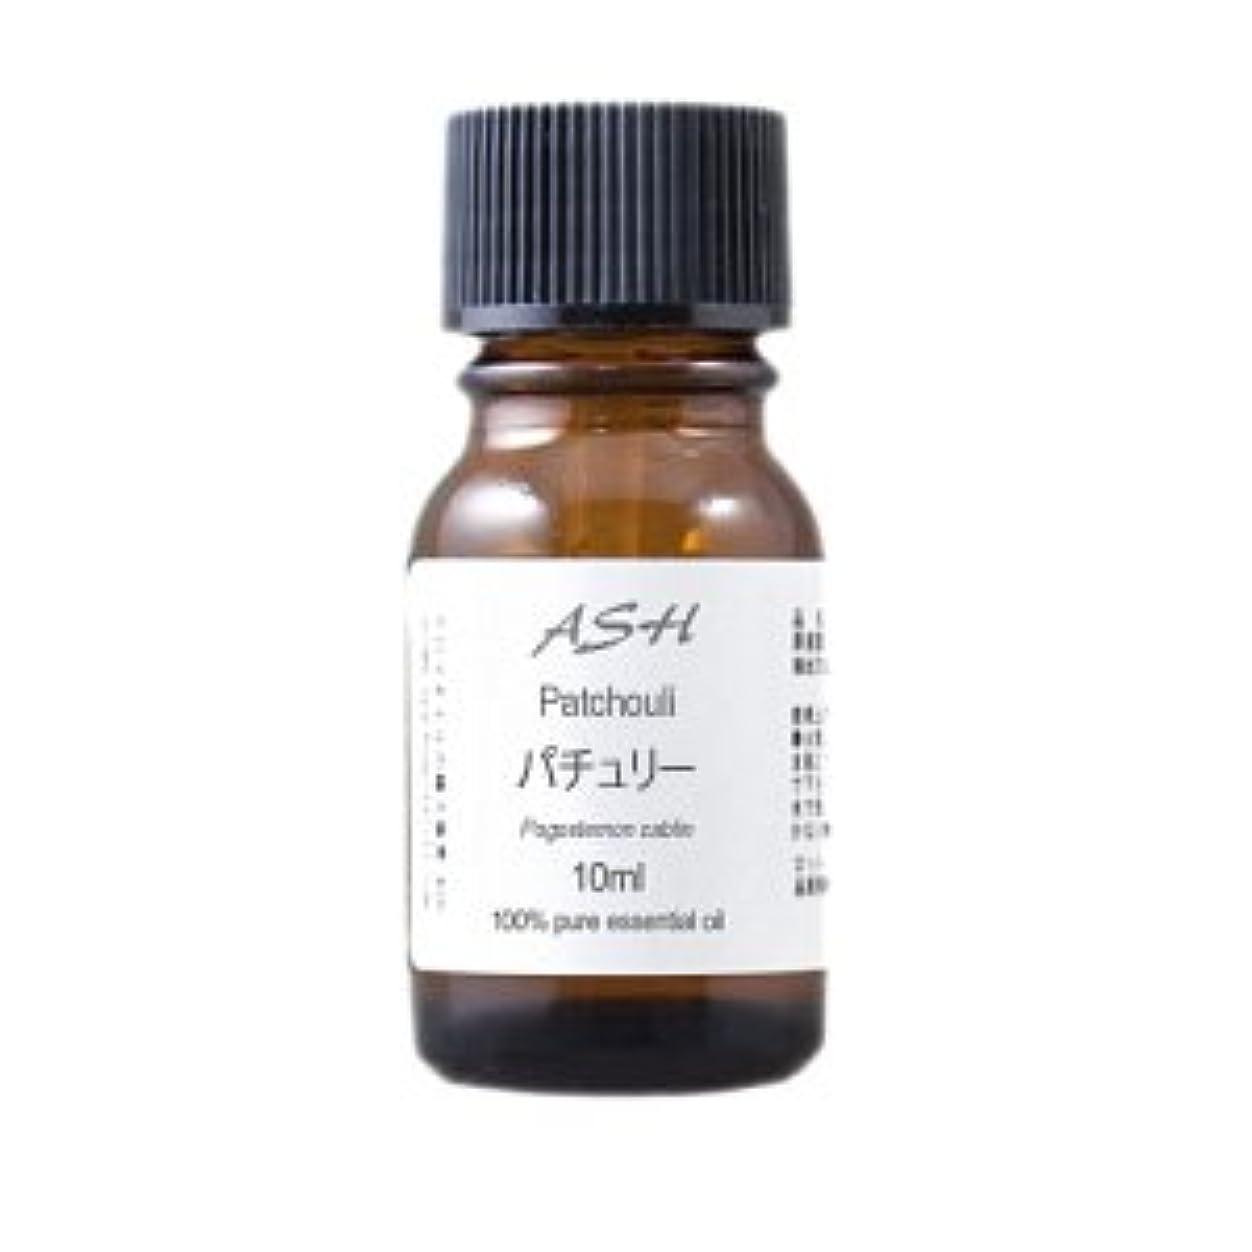 裁量メインパキスタン人ASH パチュリー エッセンシャルオイル 10ml AEAJ表示基準適合認定精油